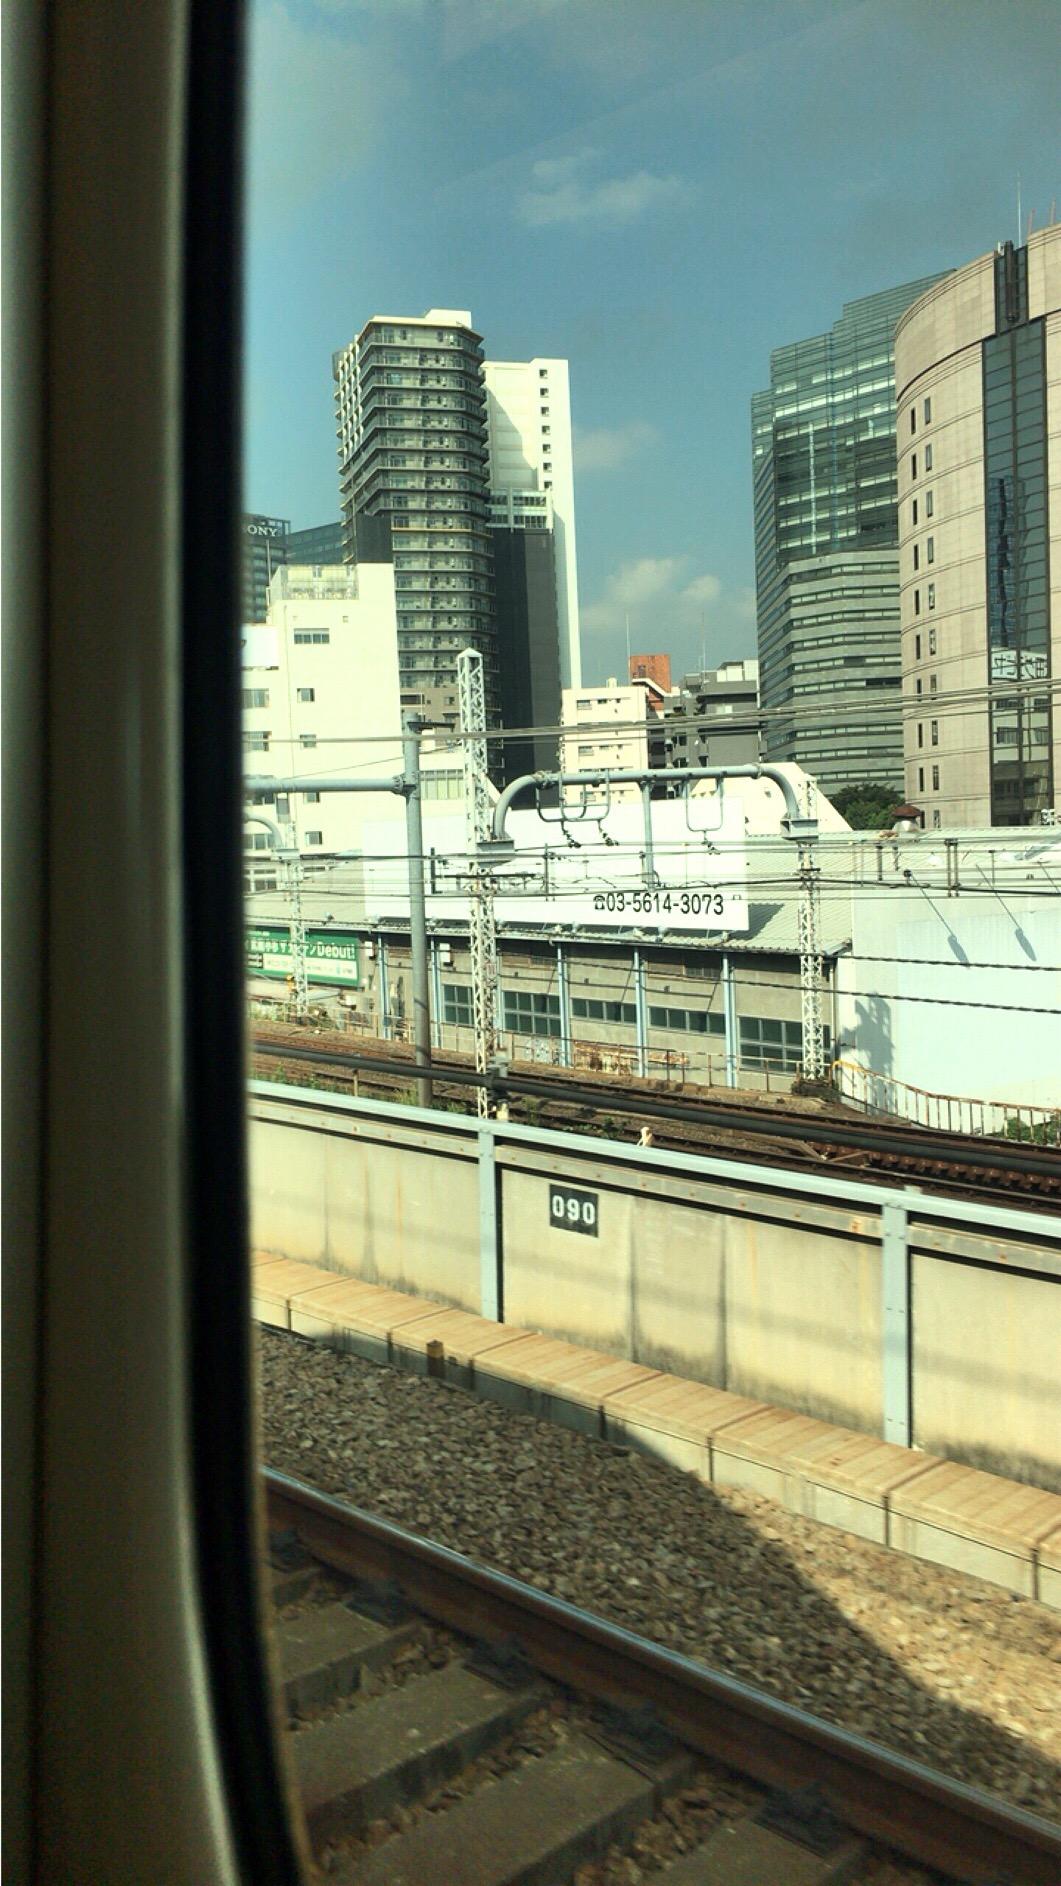 久々の新幹線で向かう先は…